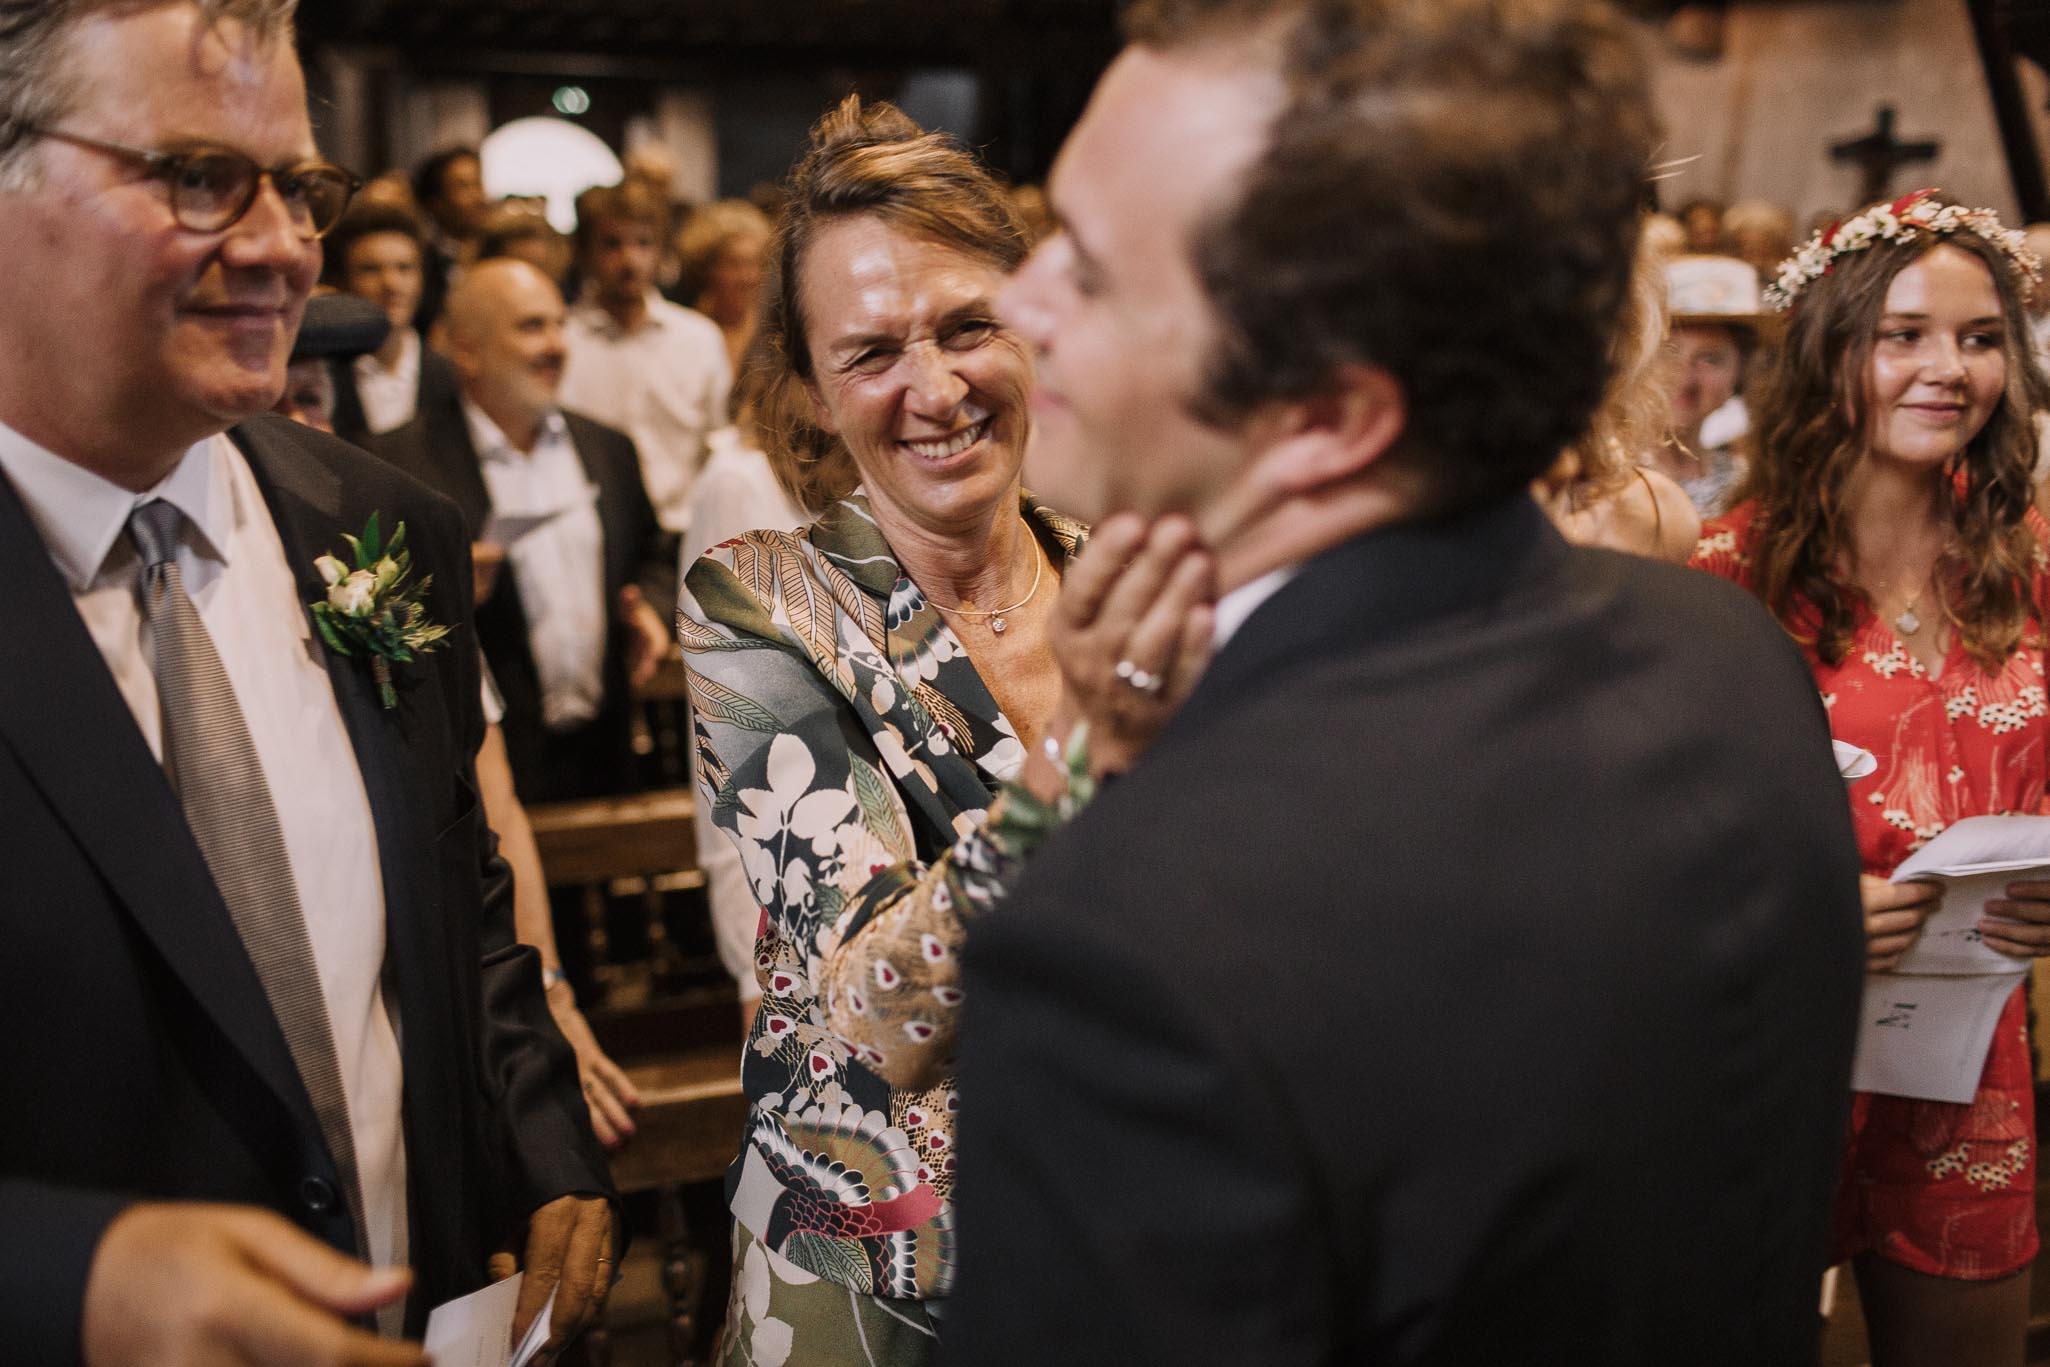 Photographe-mariage-bordeaux-jeremy-boyer-pays-basque-ihartze-artea-sare-robe-eleonore-pauc-couple-amour-71.jpg